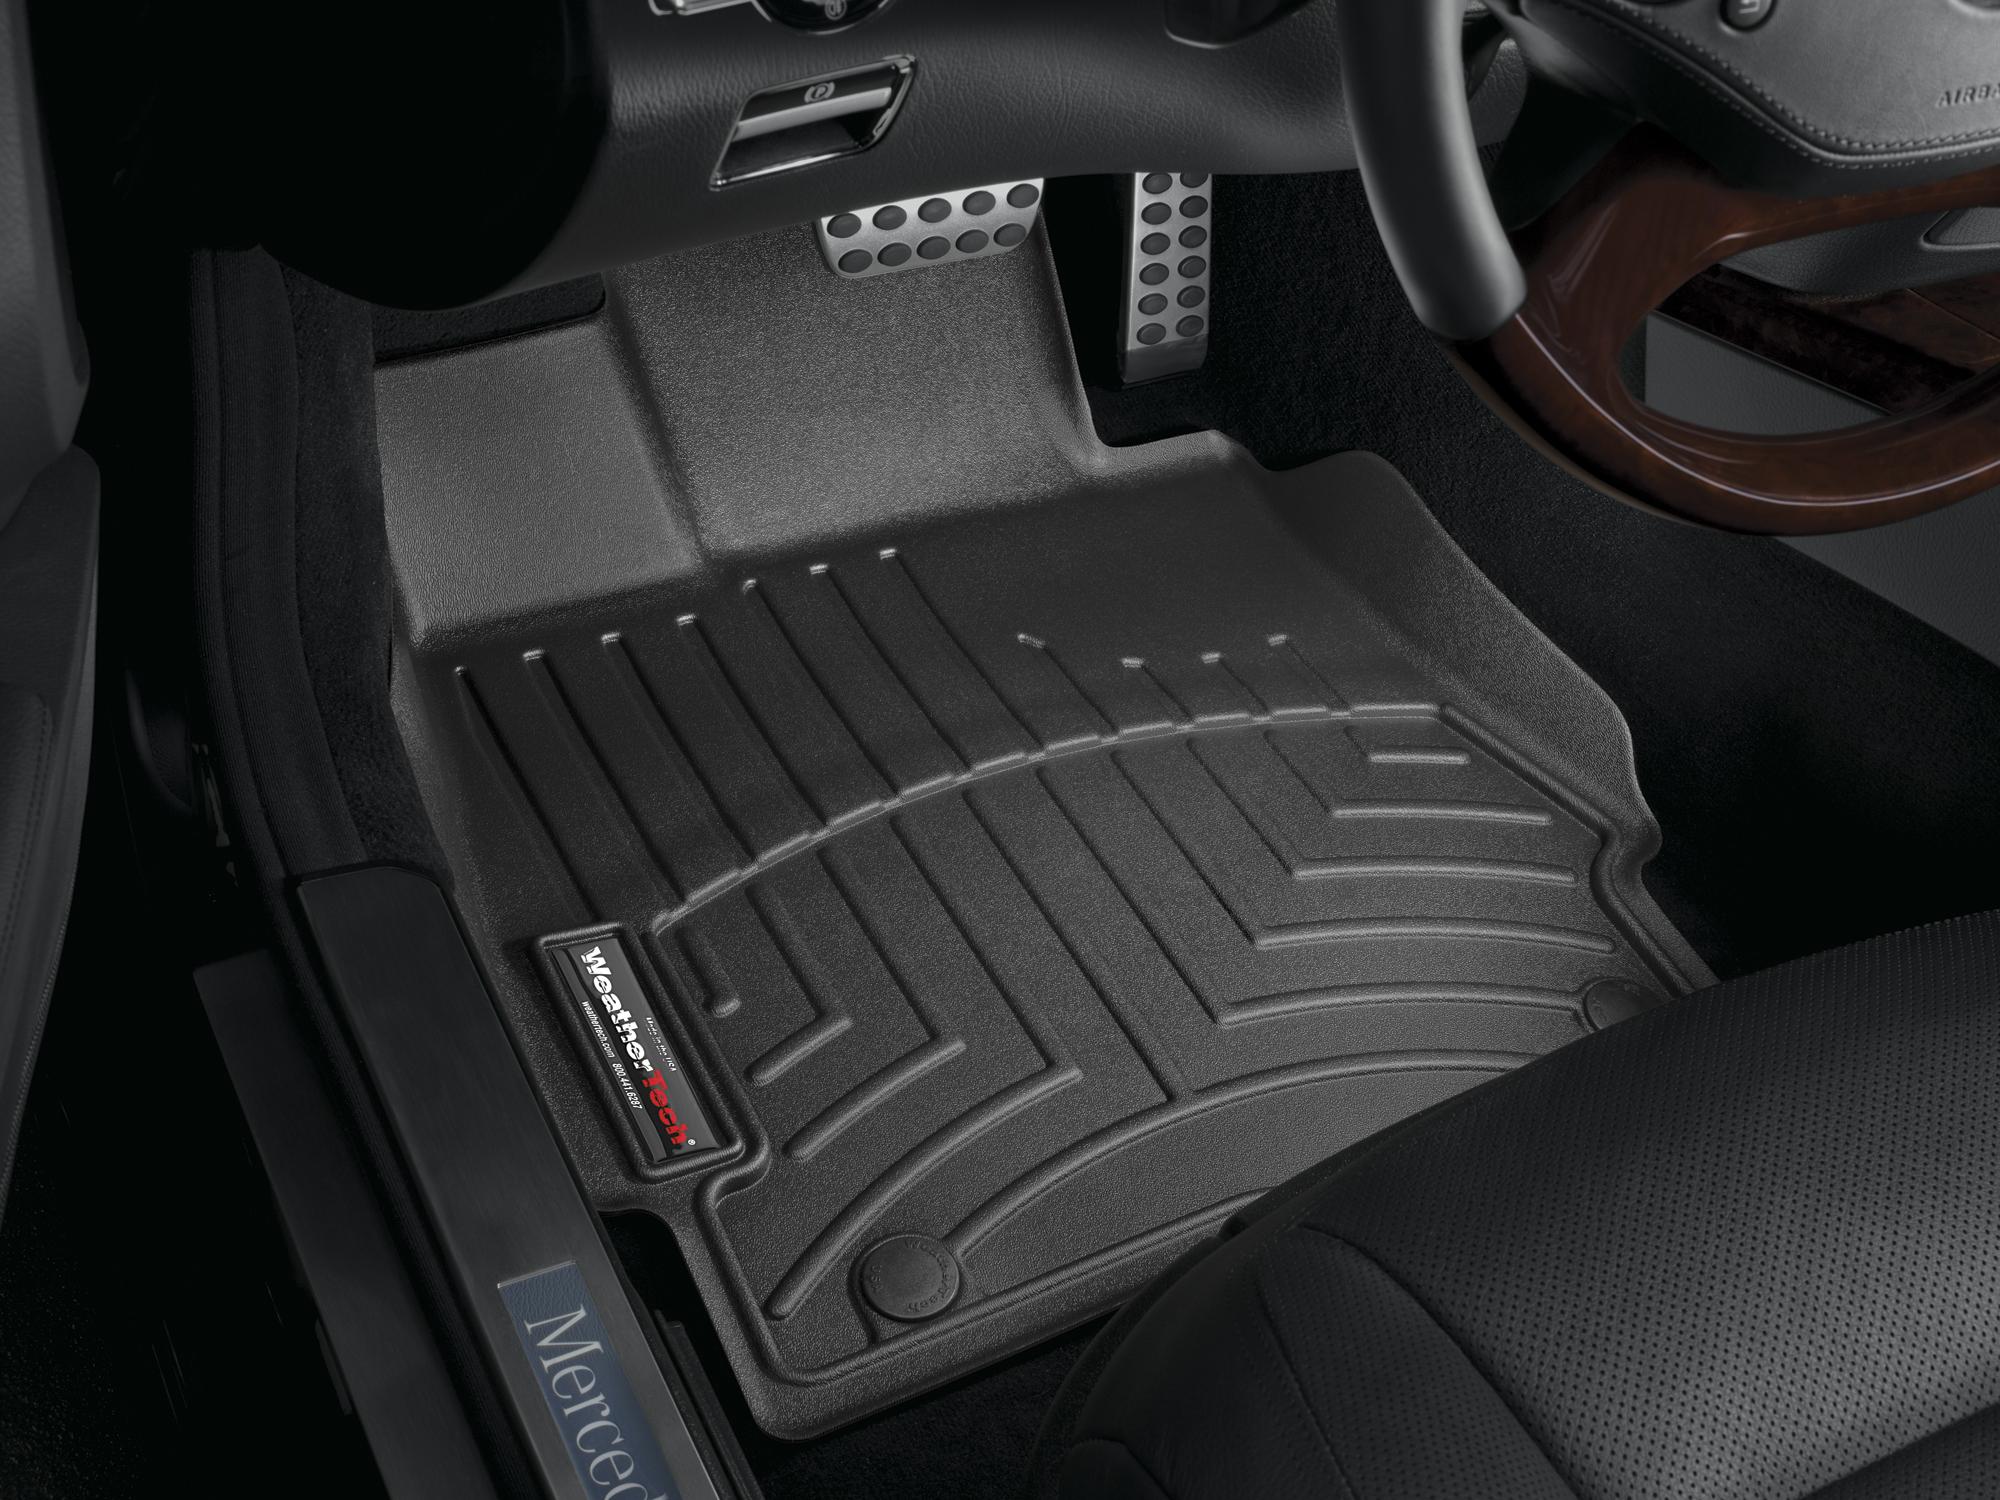 Tappeti gomma su misura bordo alto Mercedes S-Class 06>12 Nero A2560